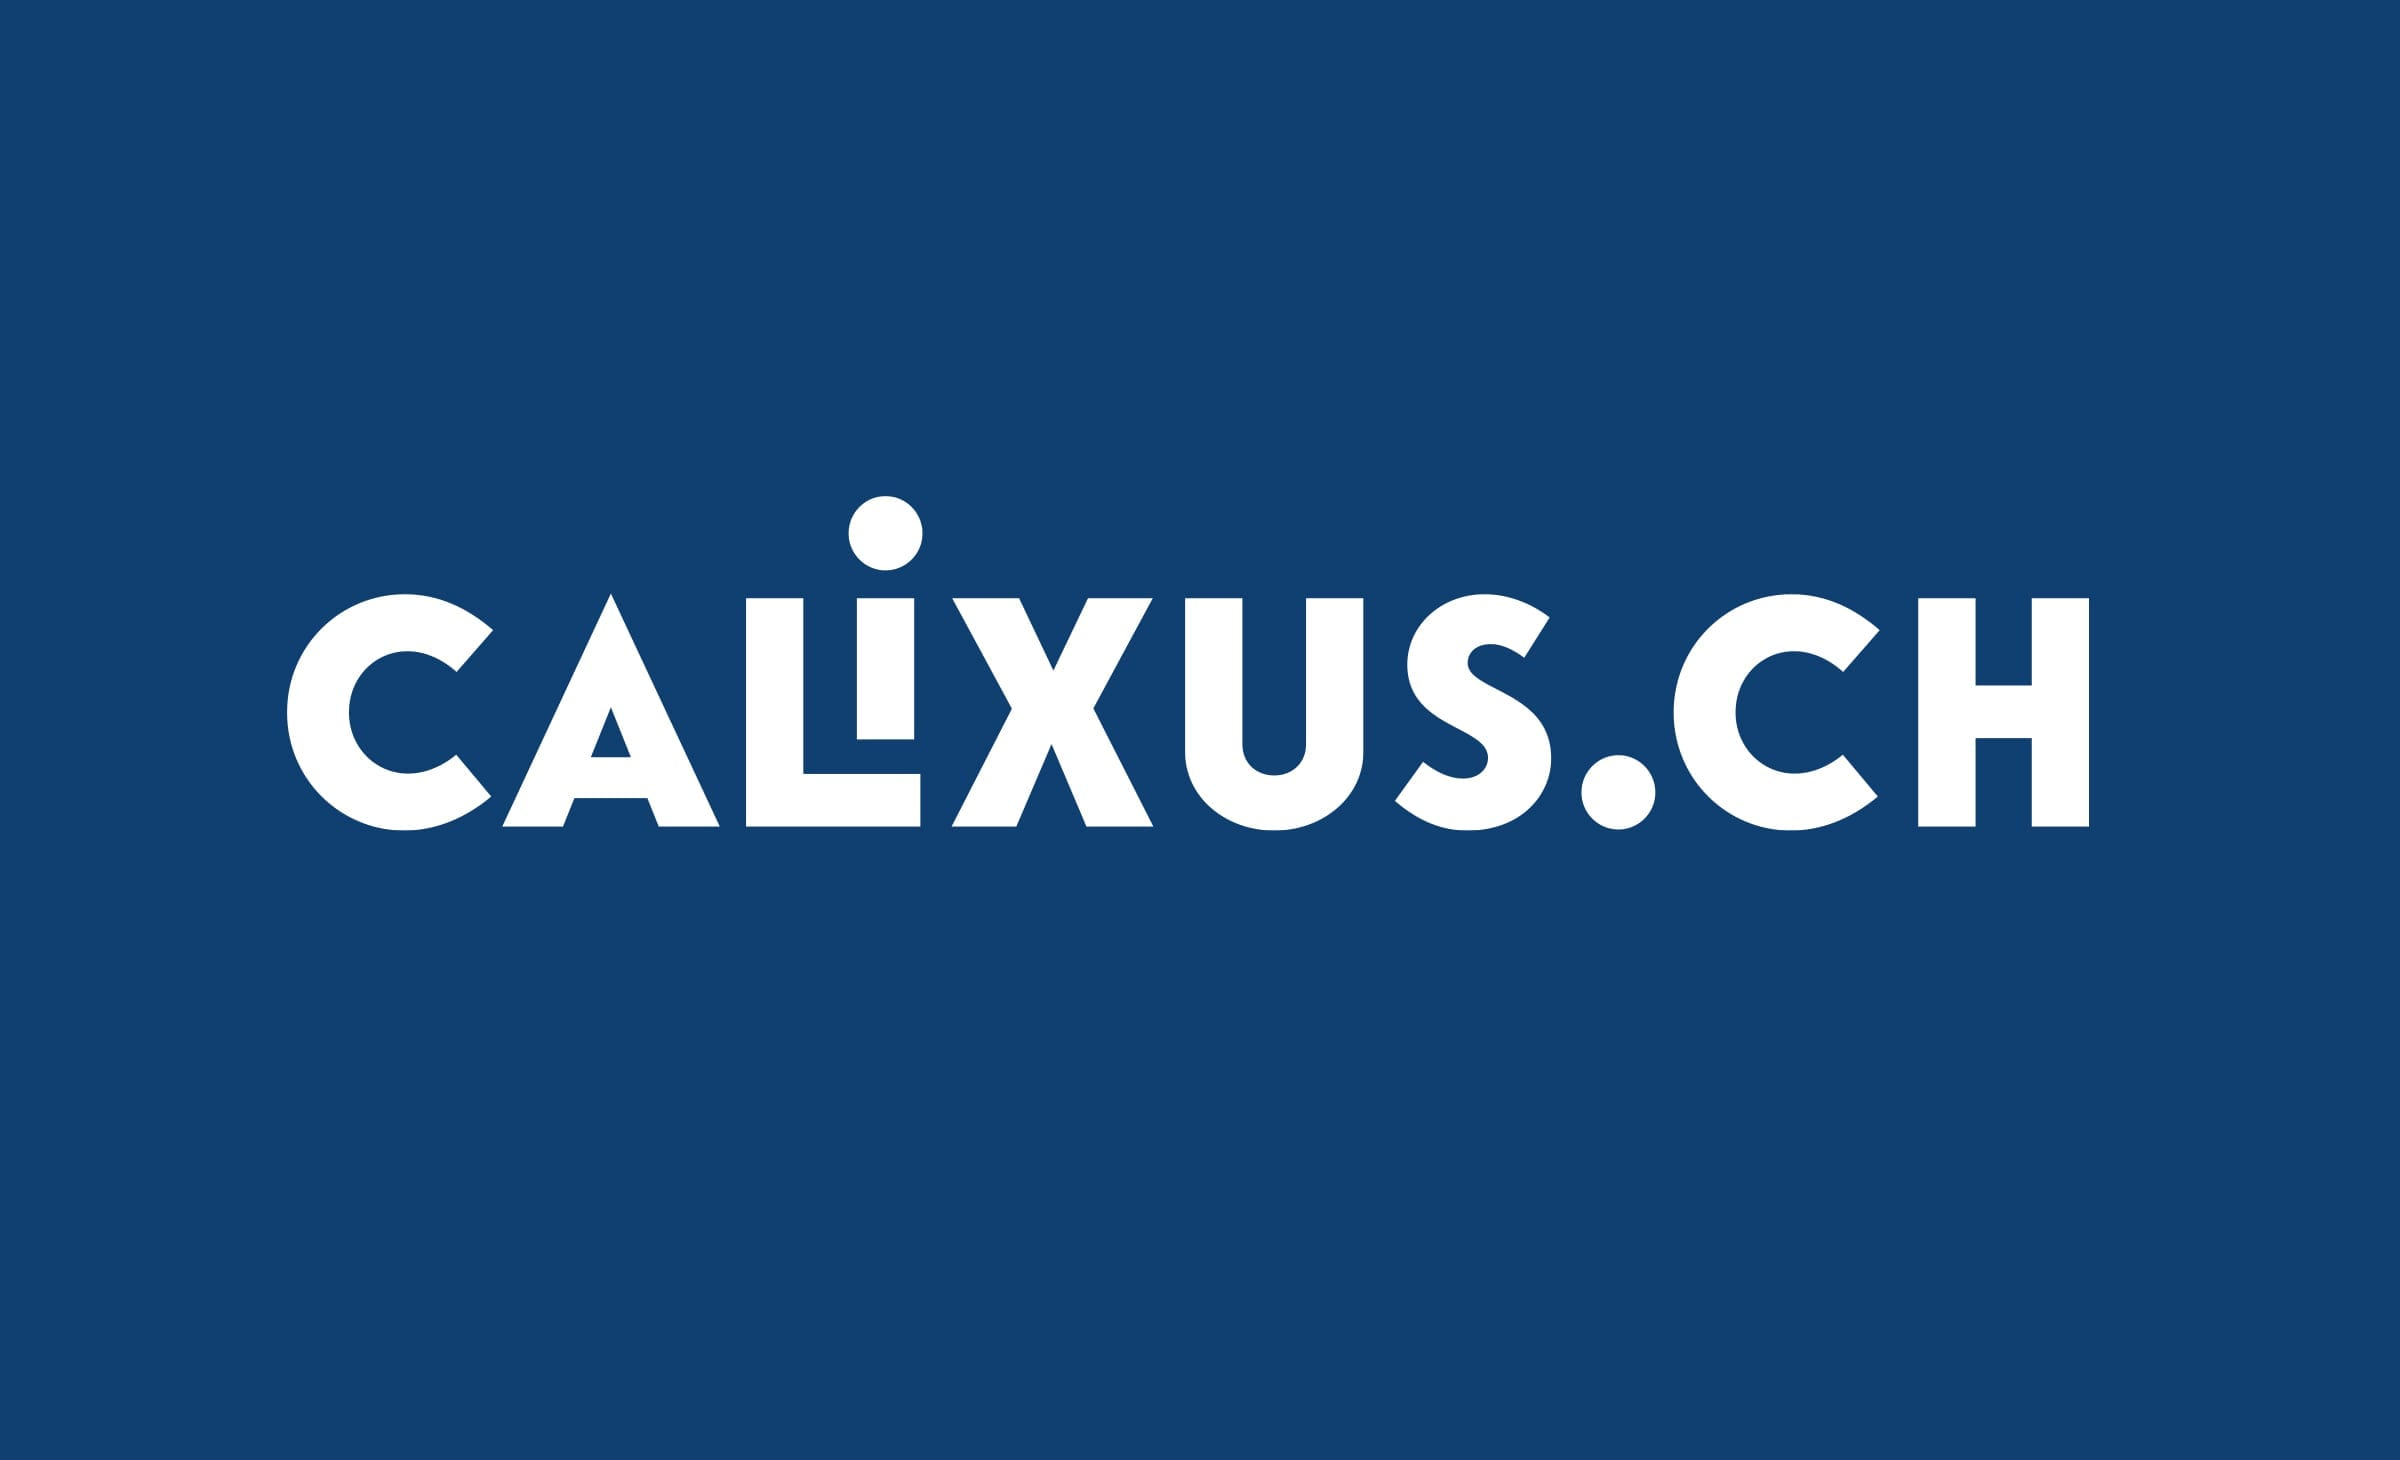 180grad_calixus_logo